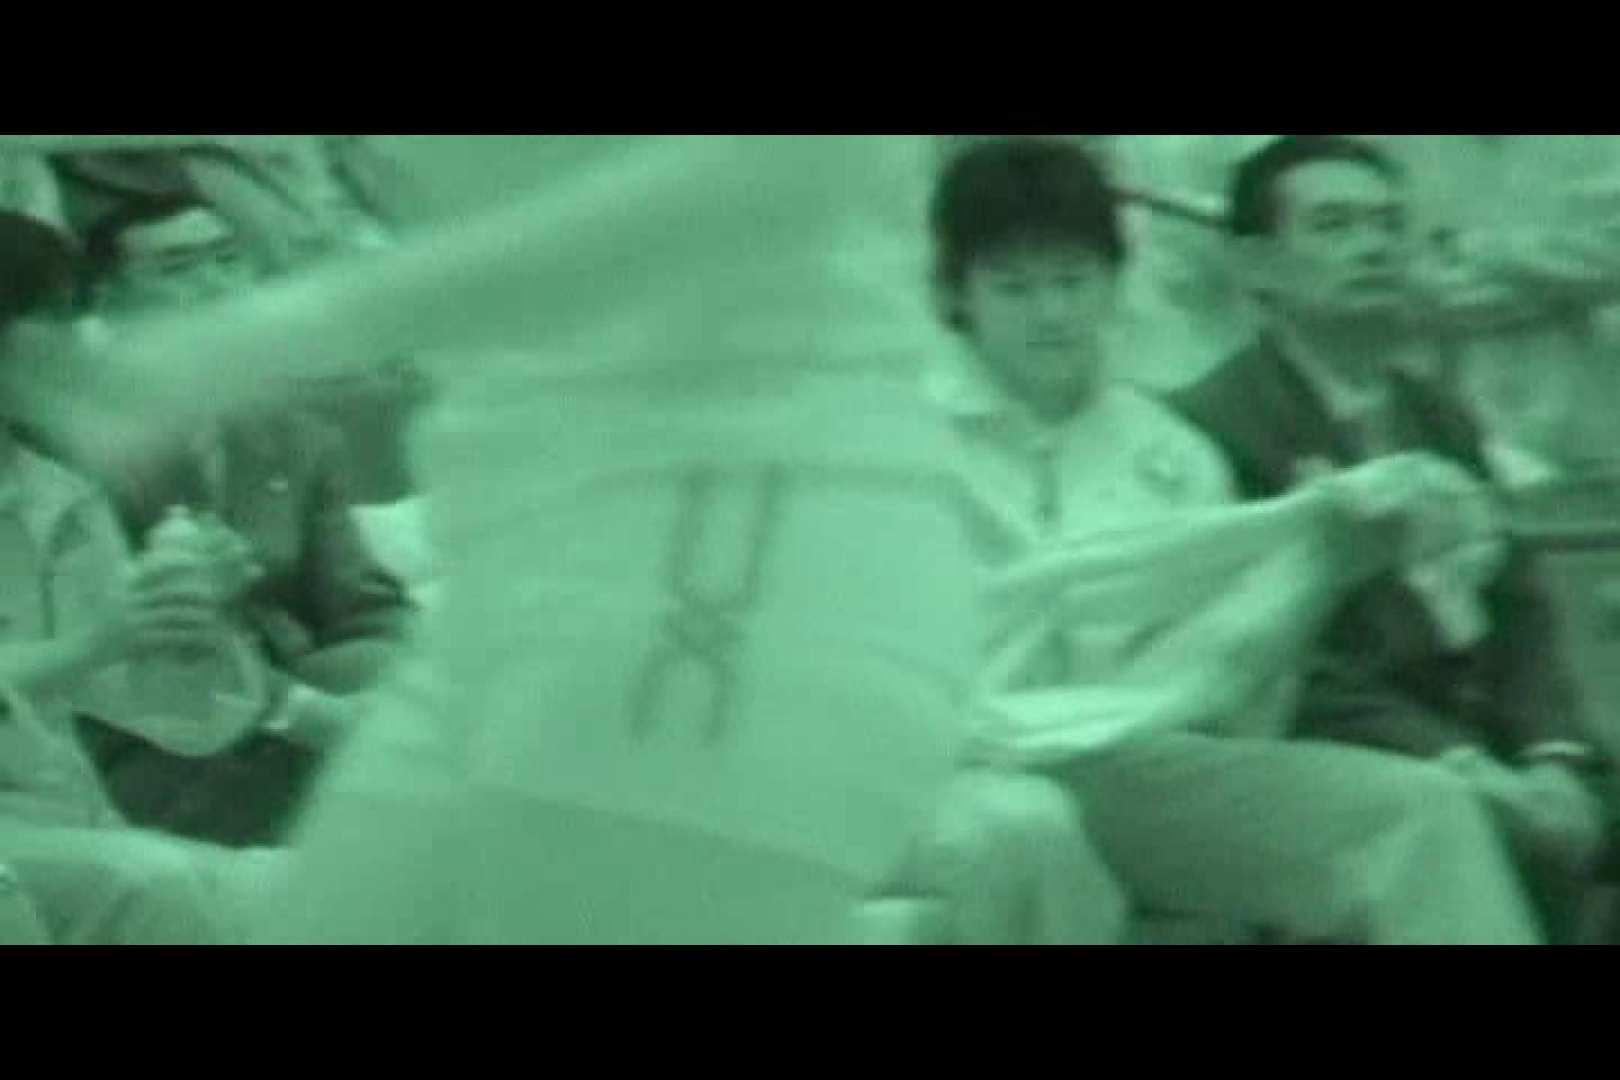 赤外線ムレスケバレー(汗) vol.10 赤外線 | HなOL  53pic 31